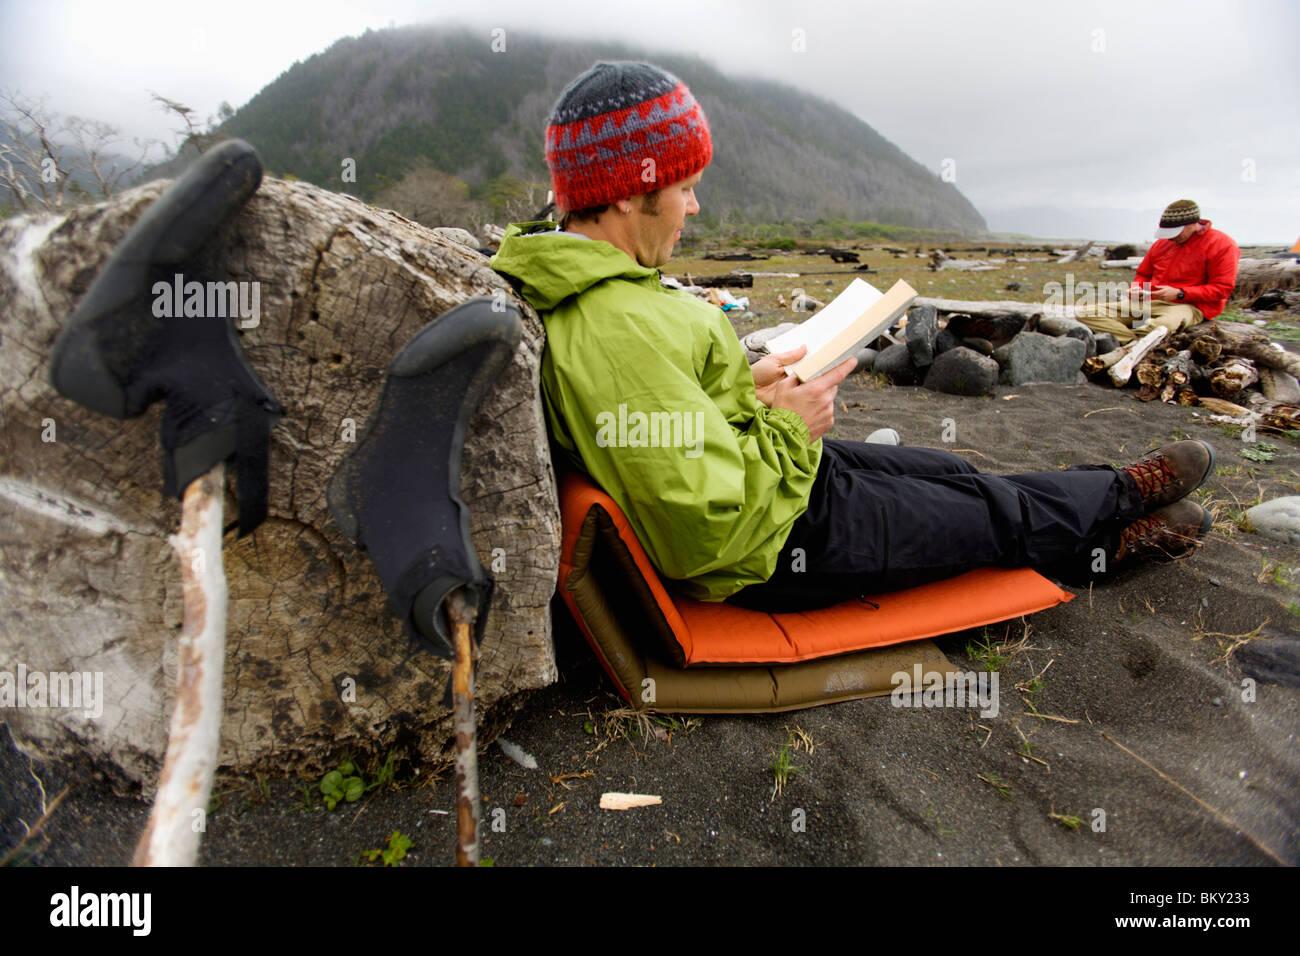 Zwei Männer finden Freizeit im Camp, The Lost Coast, Kalifornien. Stockbild